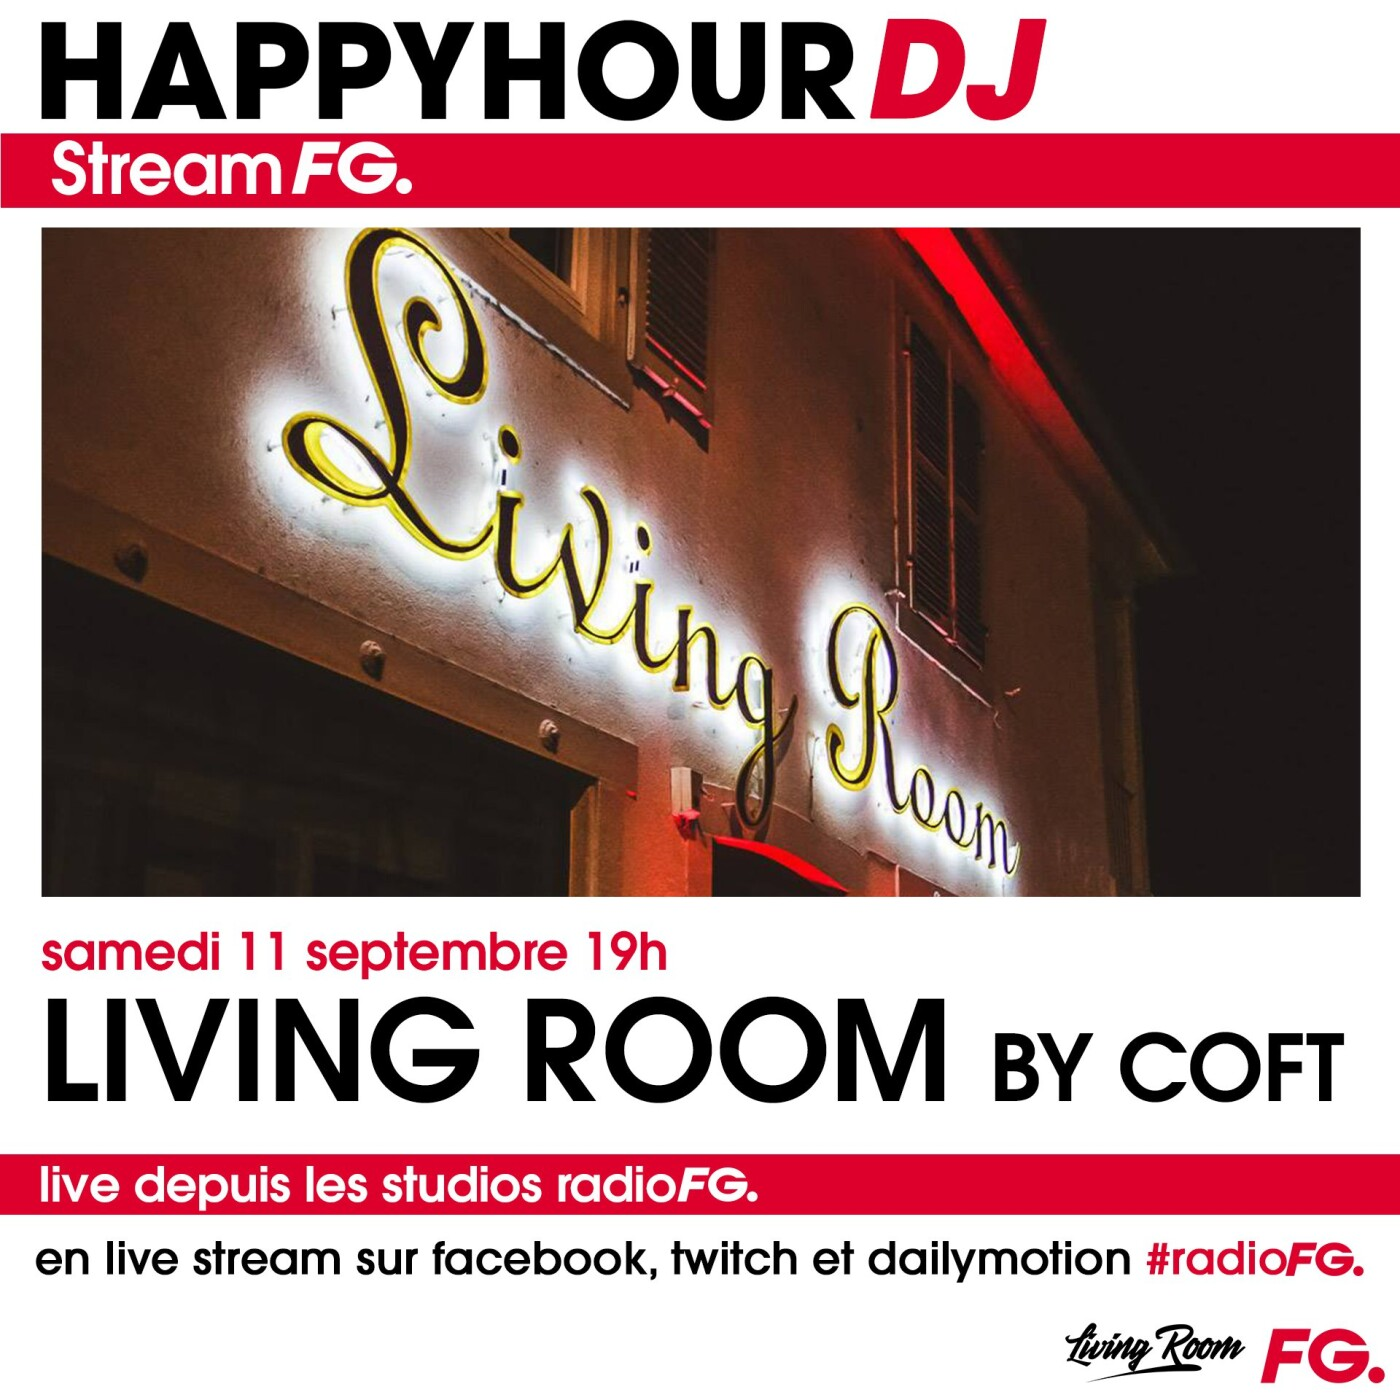 HAPPY HOUR DJ : COFT